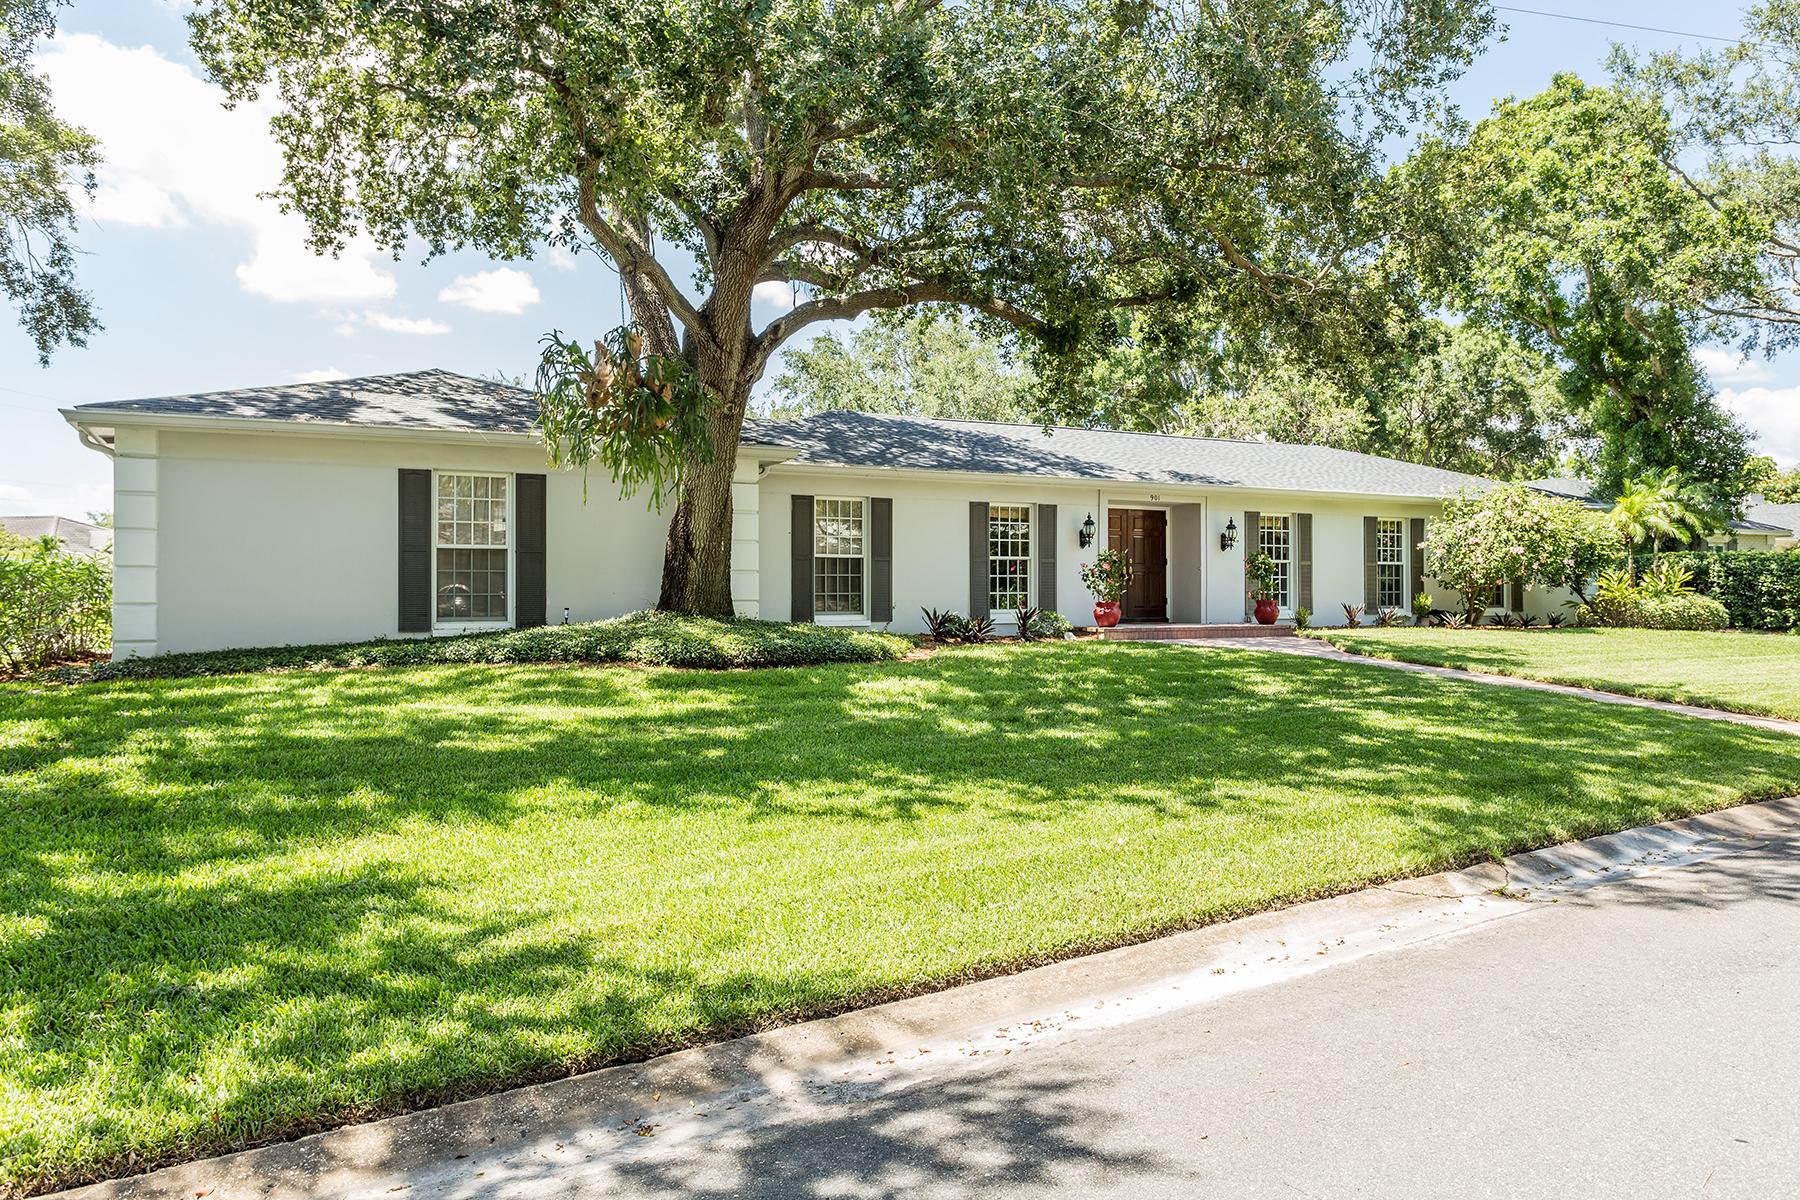 Maison unifamiliale pour l Vente à SNELL ISLE 901 31st Ave NE Snell Isle, St. Petersburg, Florida, 33704 États-Unis